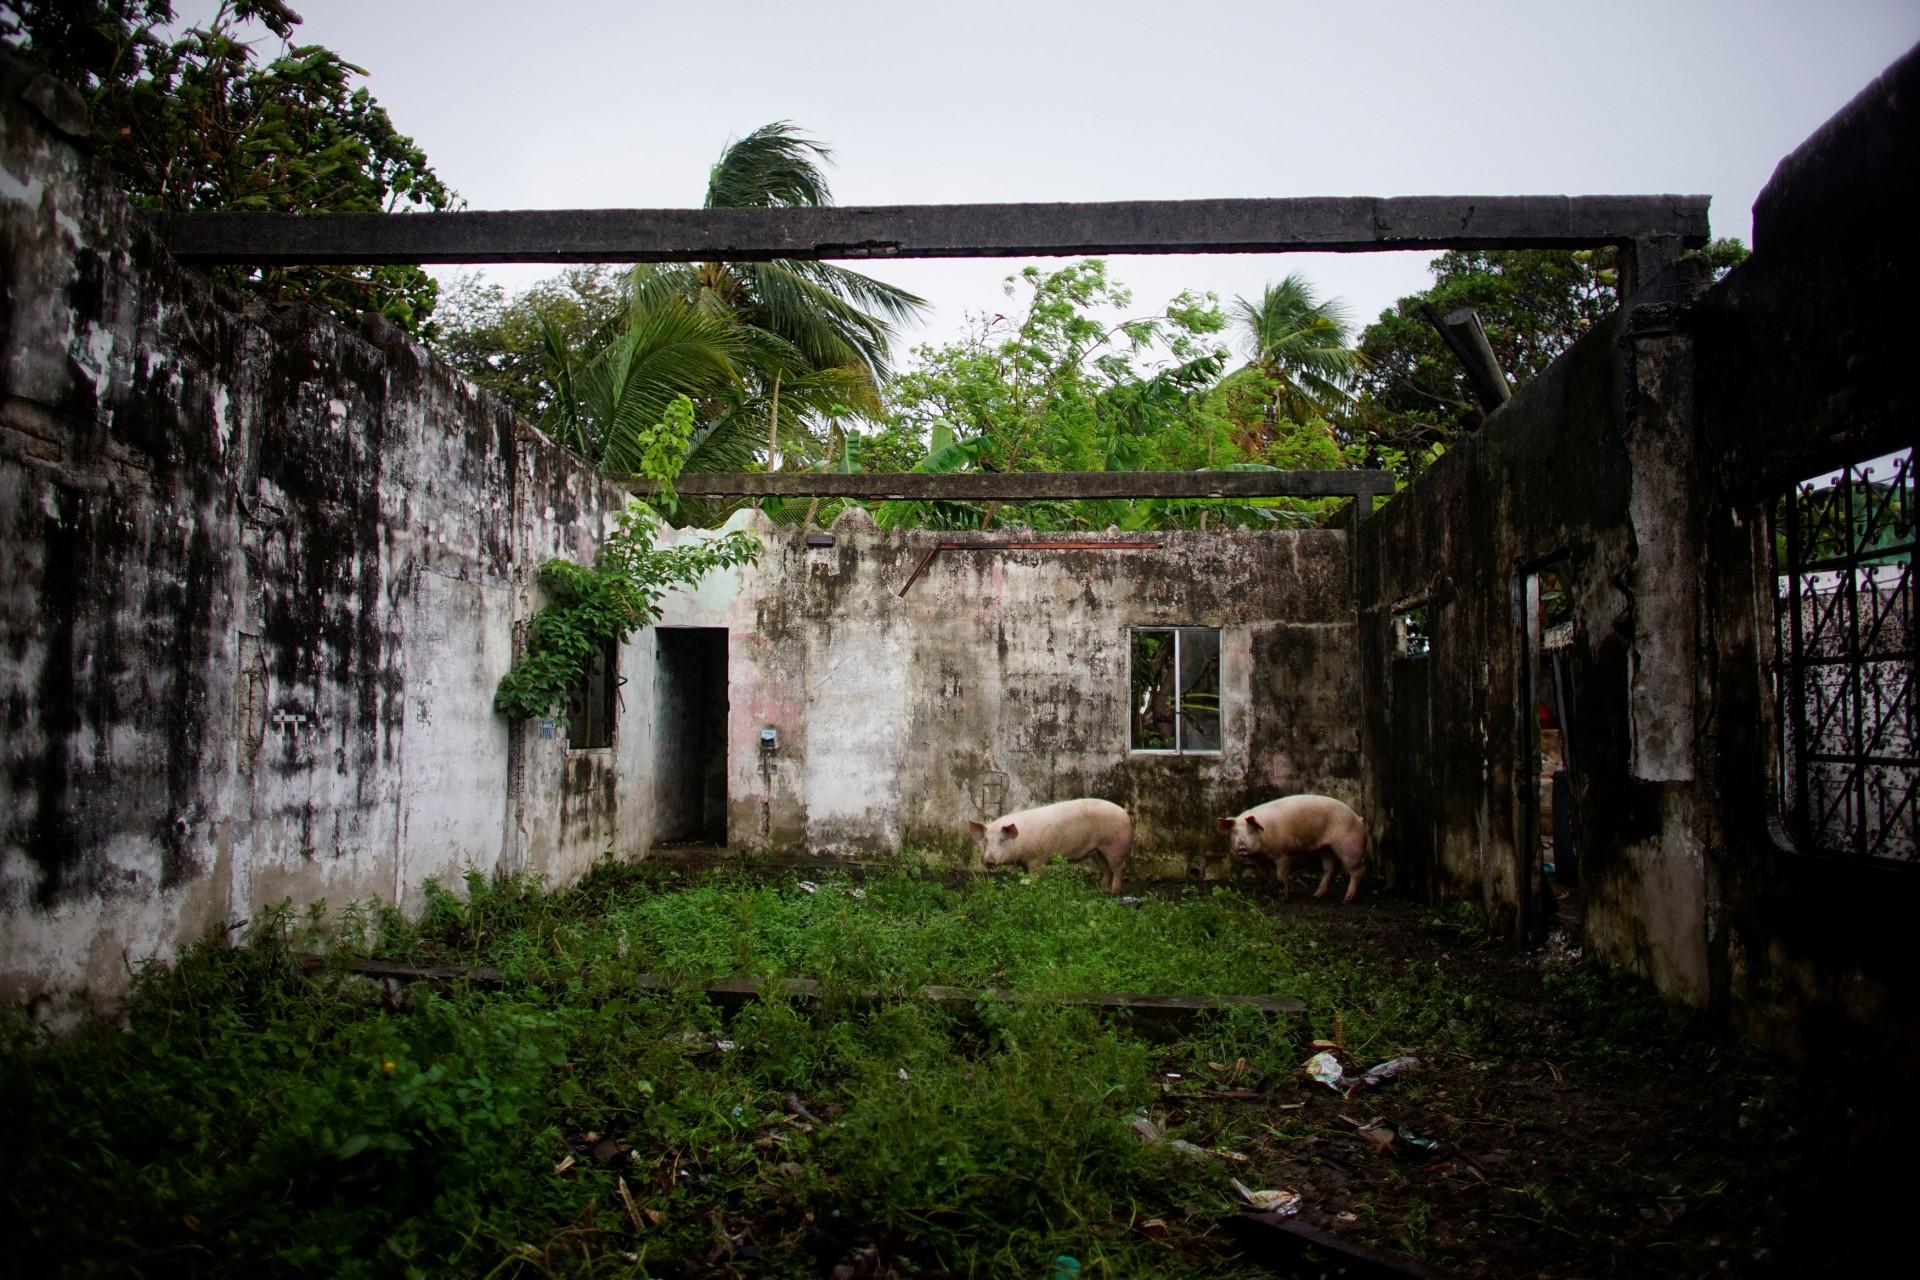 Cerdos se paran dentro de una casa destruida en Paraiso, México, 10 de diciembre de 2018.